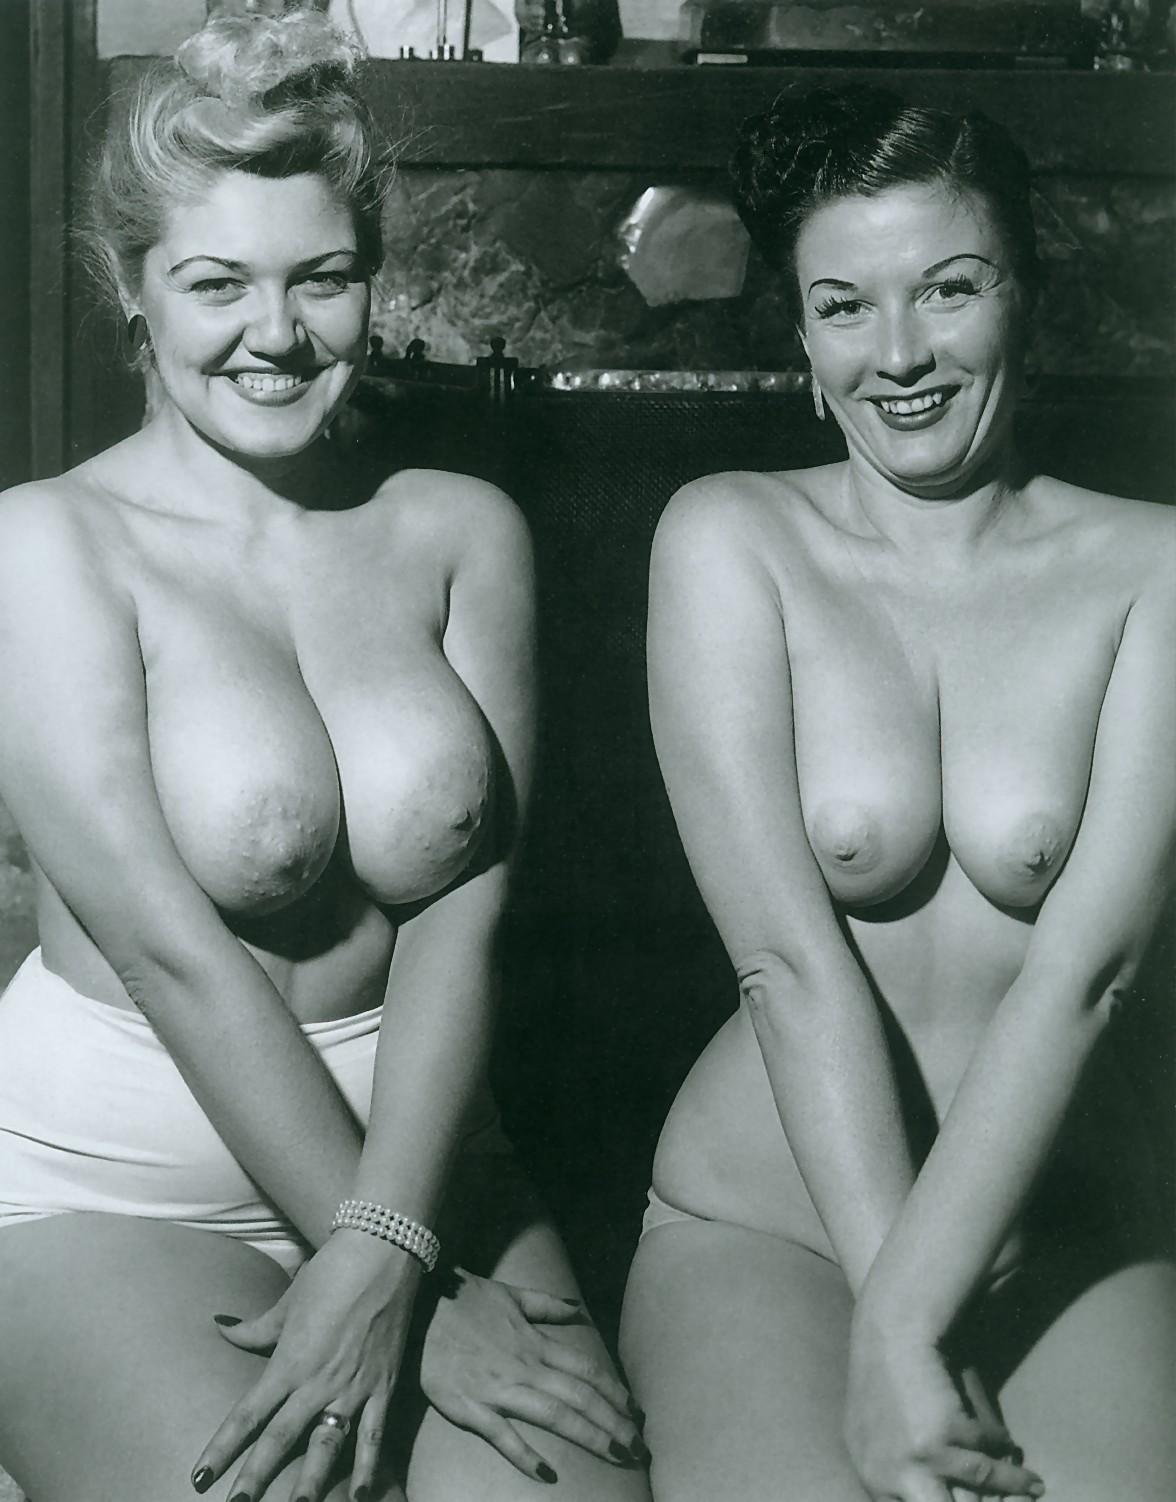 обнаженные старые черно белые фотографии тёлка радостью трахнулась